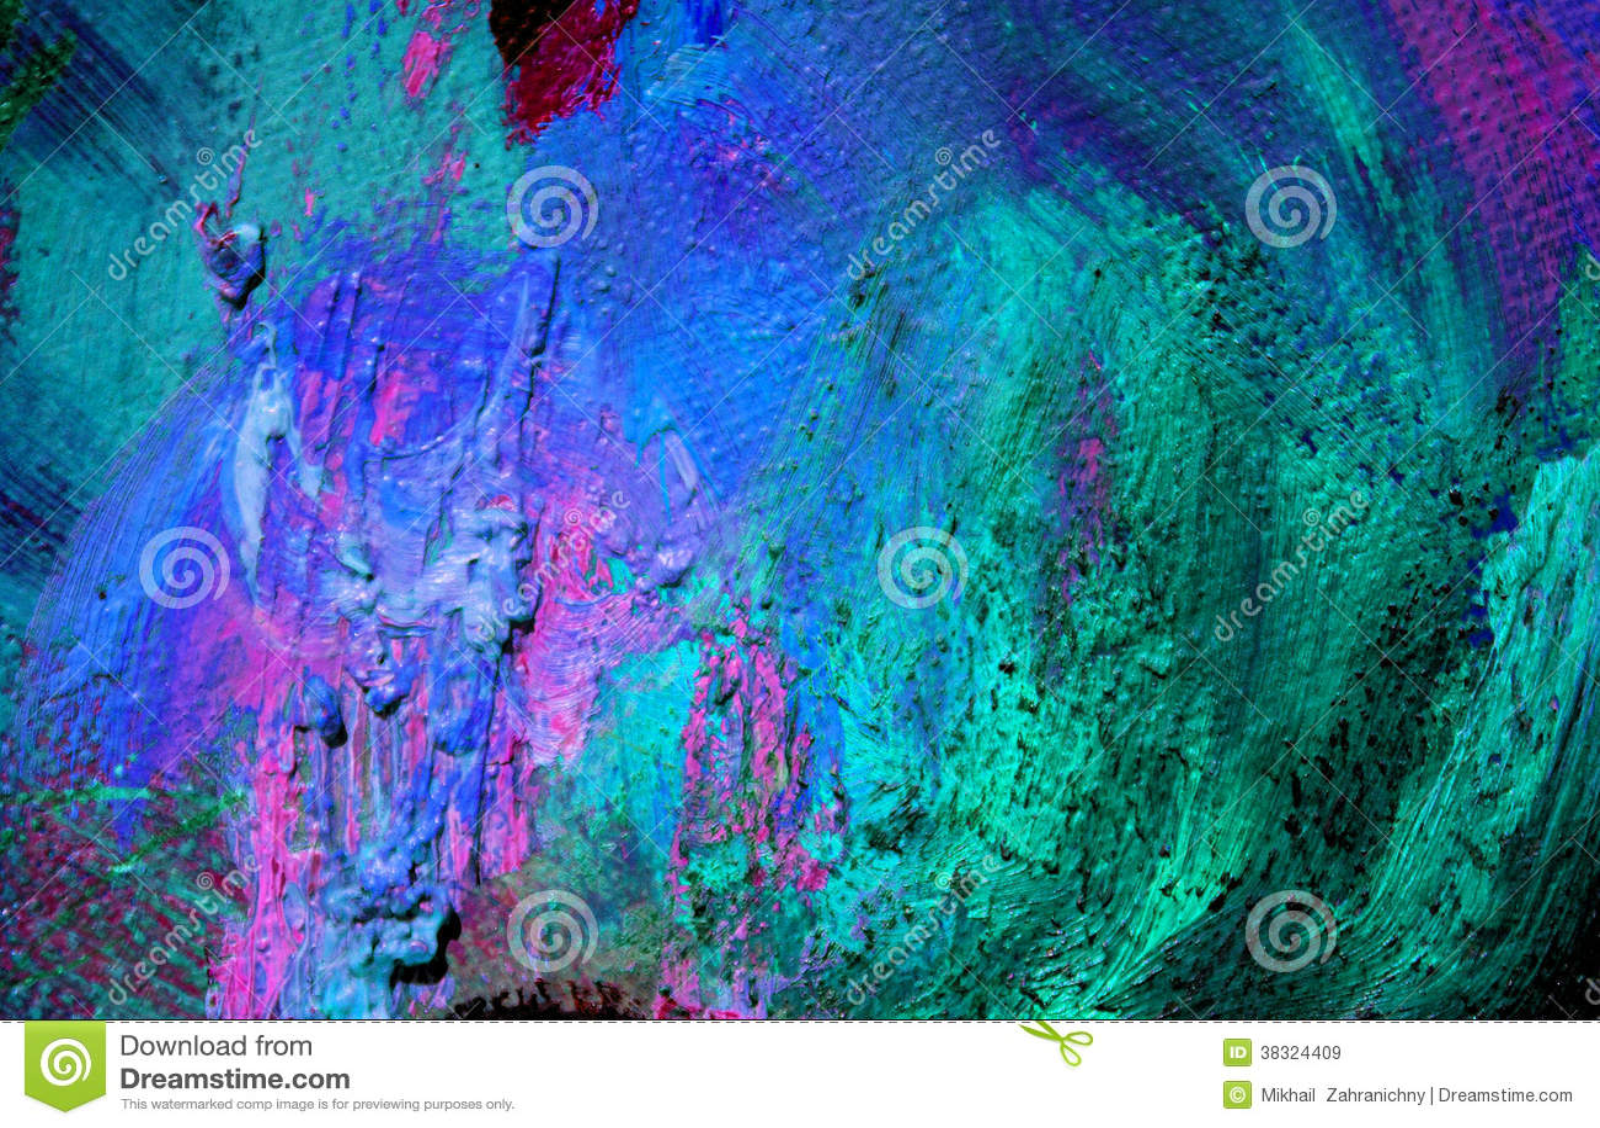 Peinture abstraite par l 39 huile sur une toile fond images libres de droit - Peinture abstraite a l huile ...